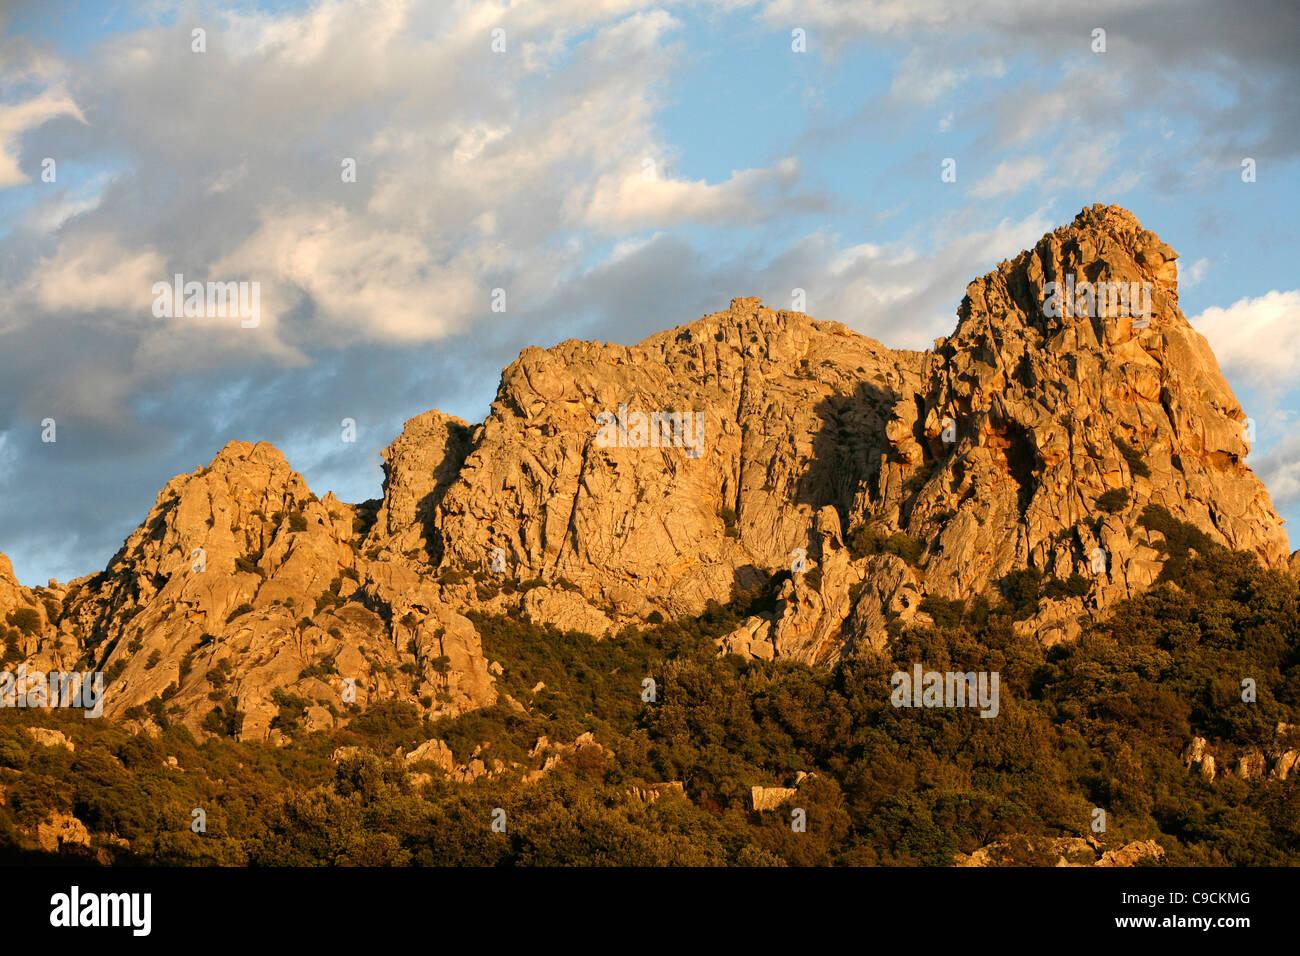 Granite rocks near San Pantaleo village, Sardinia, Italy. - Stock Image